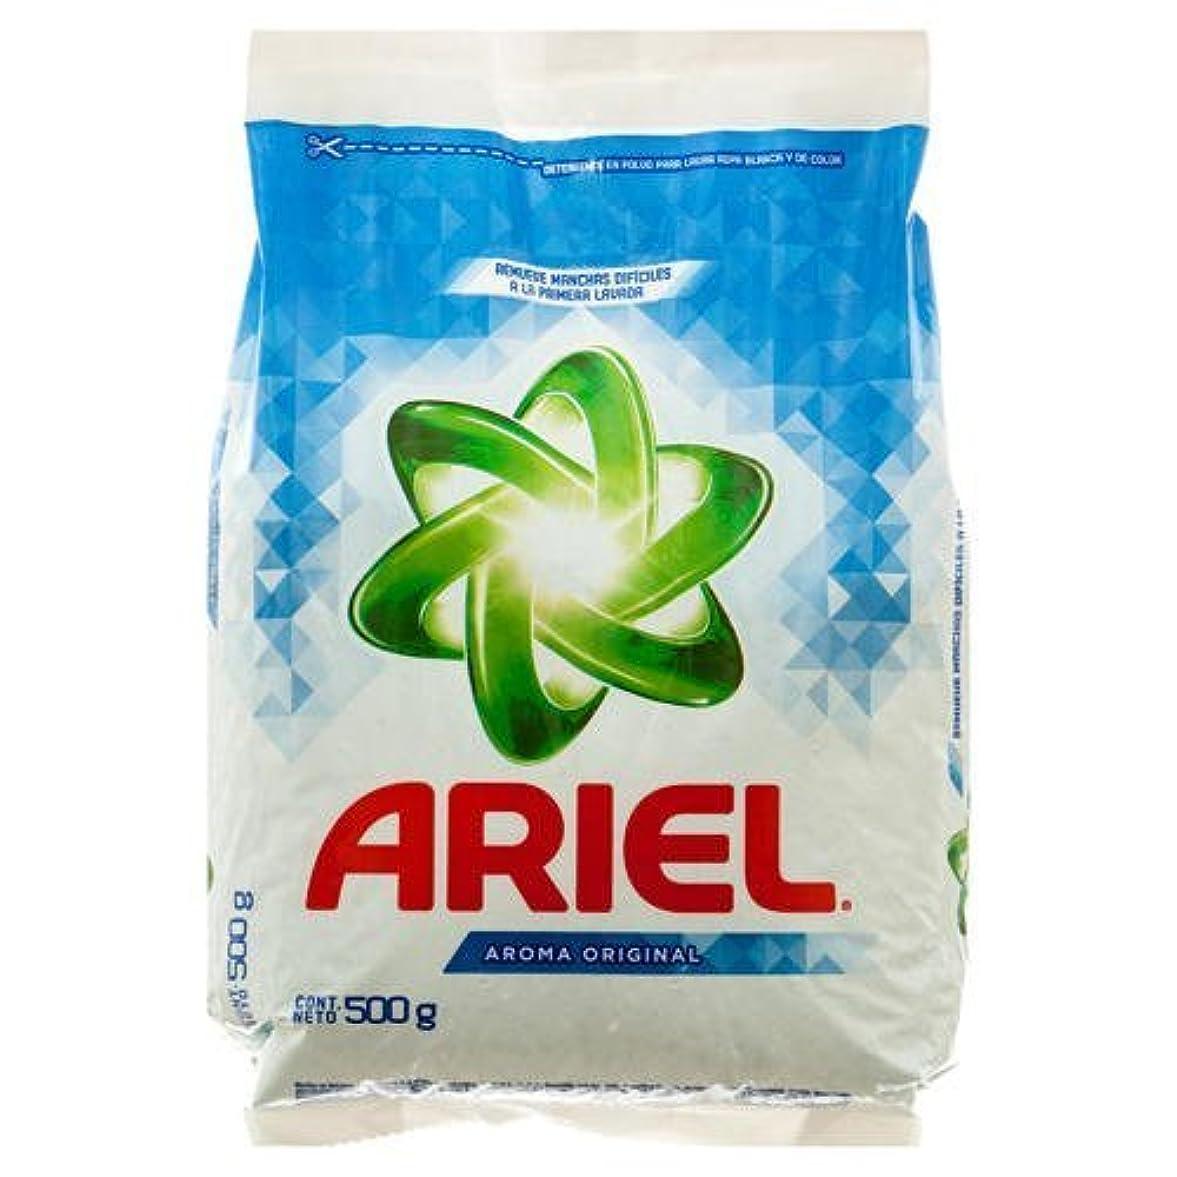 シャイ矛盾ボルトアリエルランドリーパウダー洗剤500 gアロマOriginal 3 - Pack